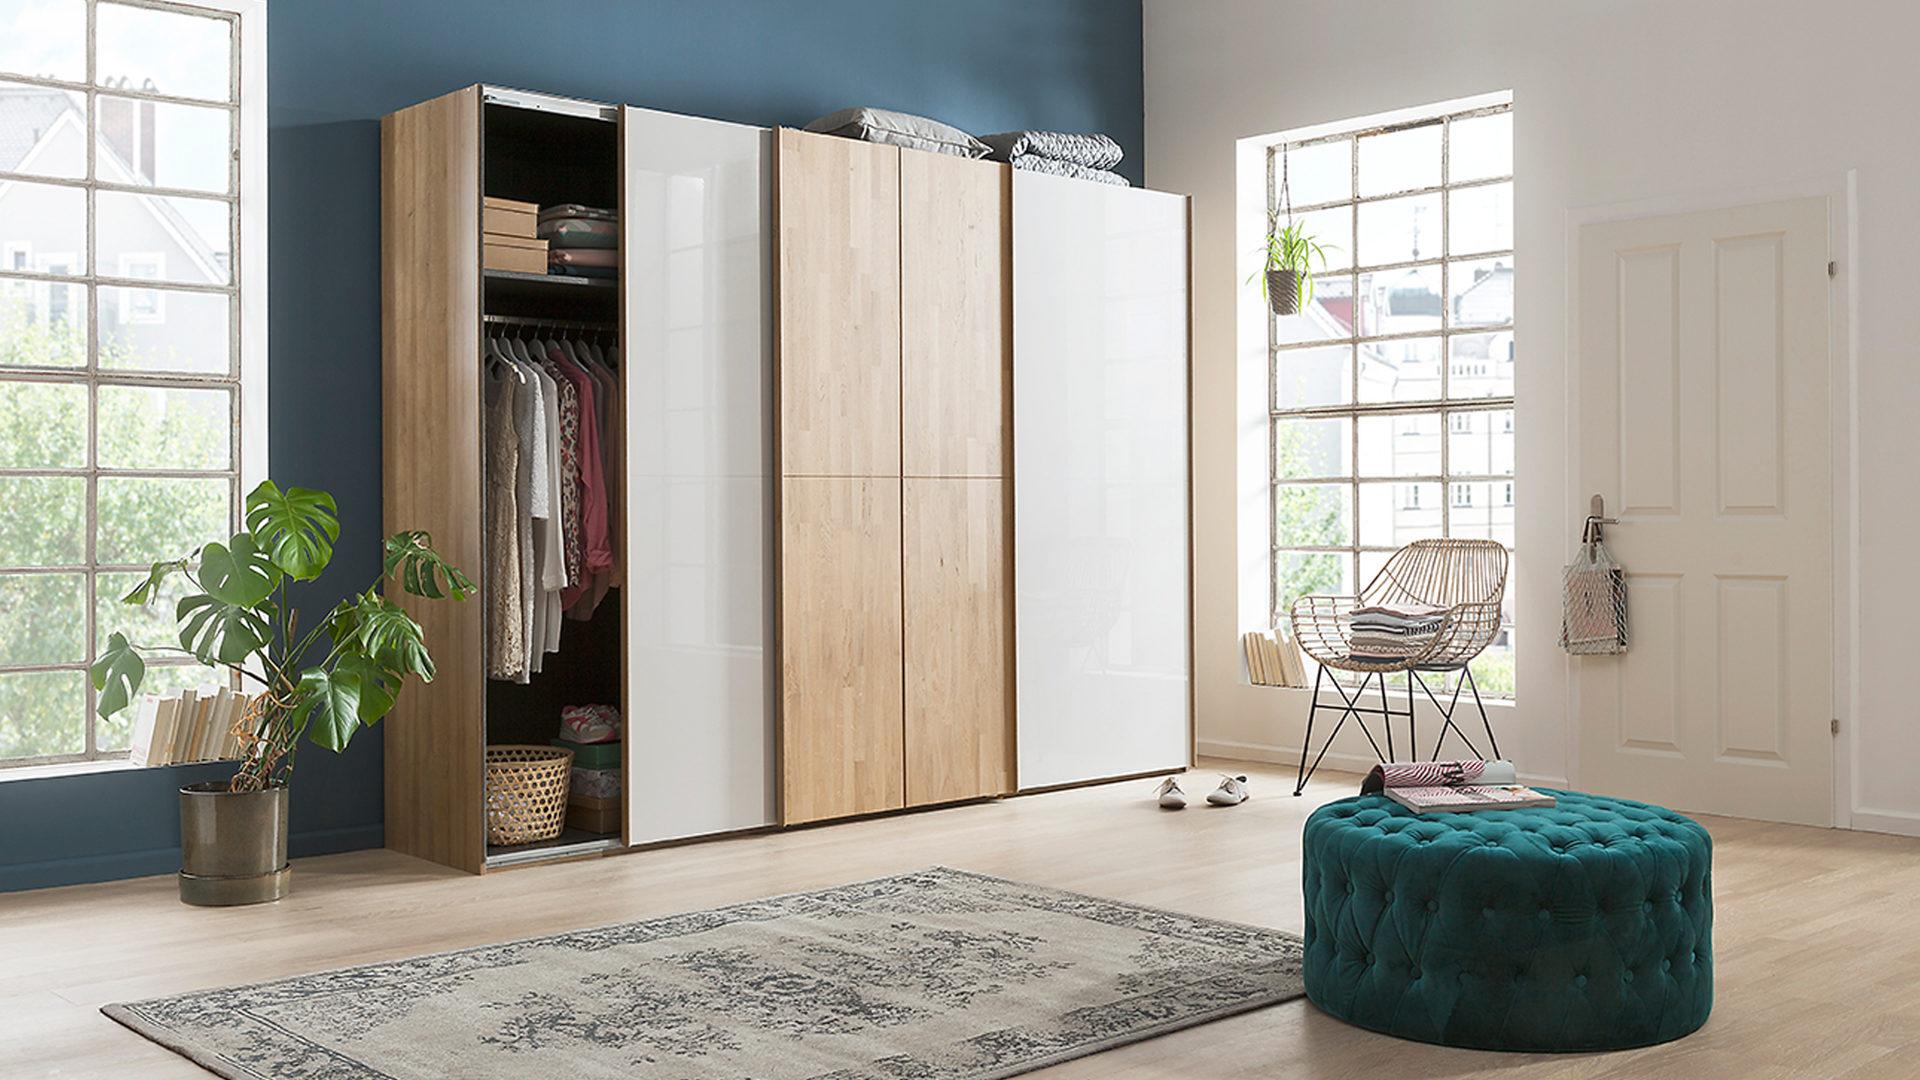 Möbel Bohn Crailsheim, Räume, Schlafzimmer, Kleiderschränke, rauch ...